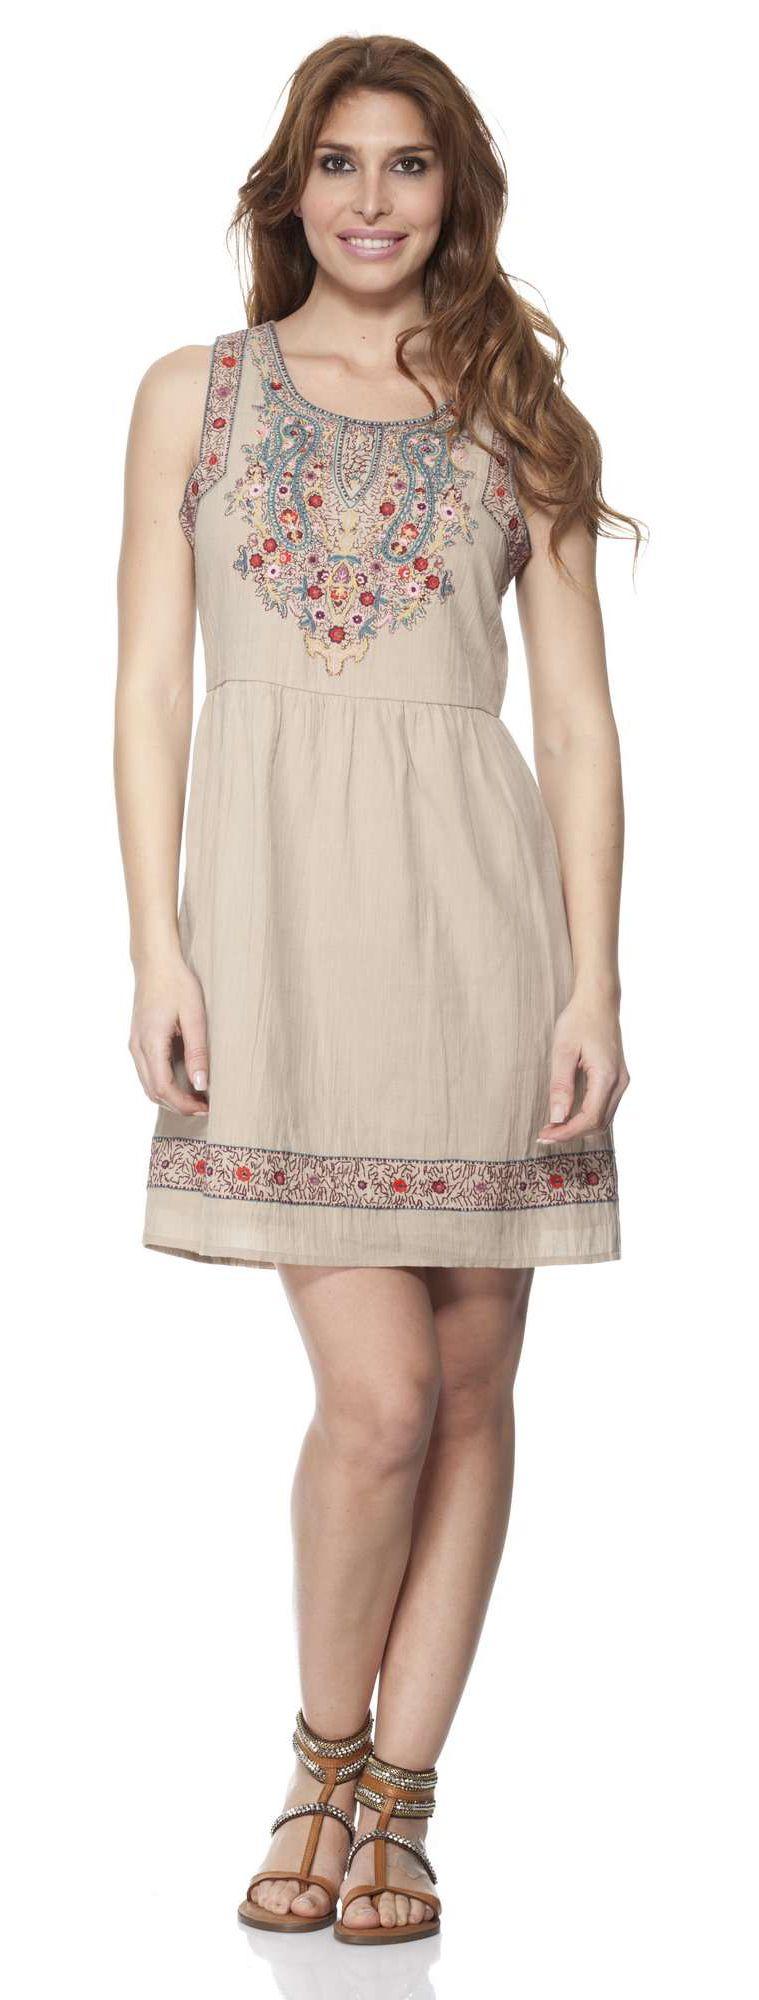 b1fa67a7d9c6a61 Короткий сарафан с красивым орнаментом, который имеет народные мотивы.  Простота модели делает ее повседневной. В таком платье можно отправиться  куда угодно ...